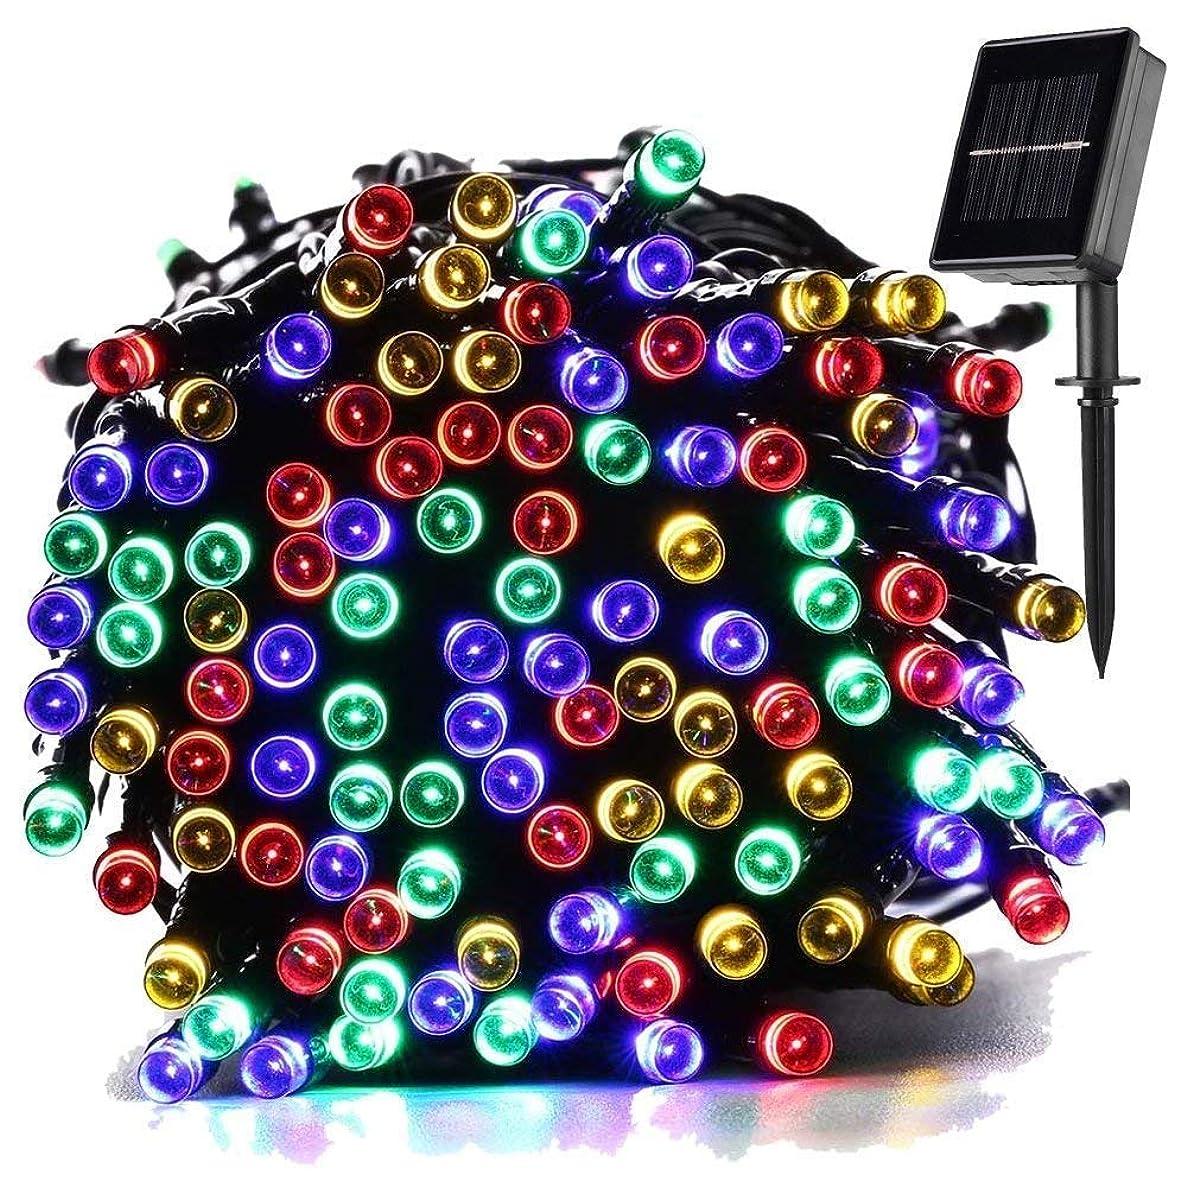 評判鷹面ソーラー イルミネーションライト 屋外 ストリングライト クリスマス ツリー led 飾り ライト アウトドア 防雨 ガーデン ハロウィン 22M 200球 自動点灯/消灯 学園祭 装飾 2点滅モデル 電球間隔10cm パーティー/アウトドア/結婚式/庭/部屋にも対応 マルチカラー